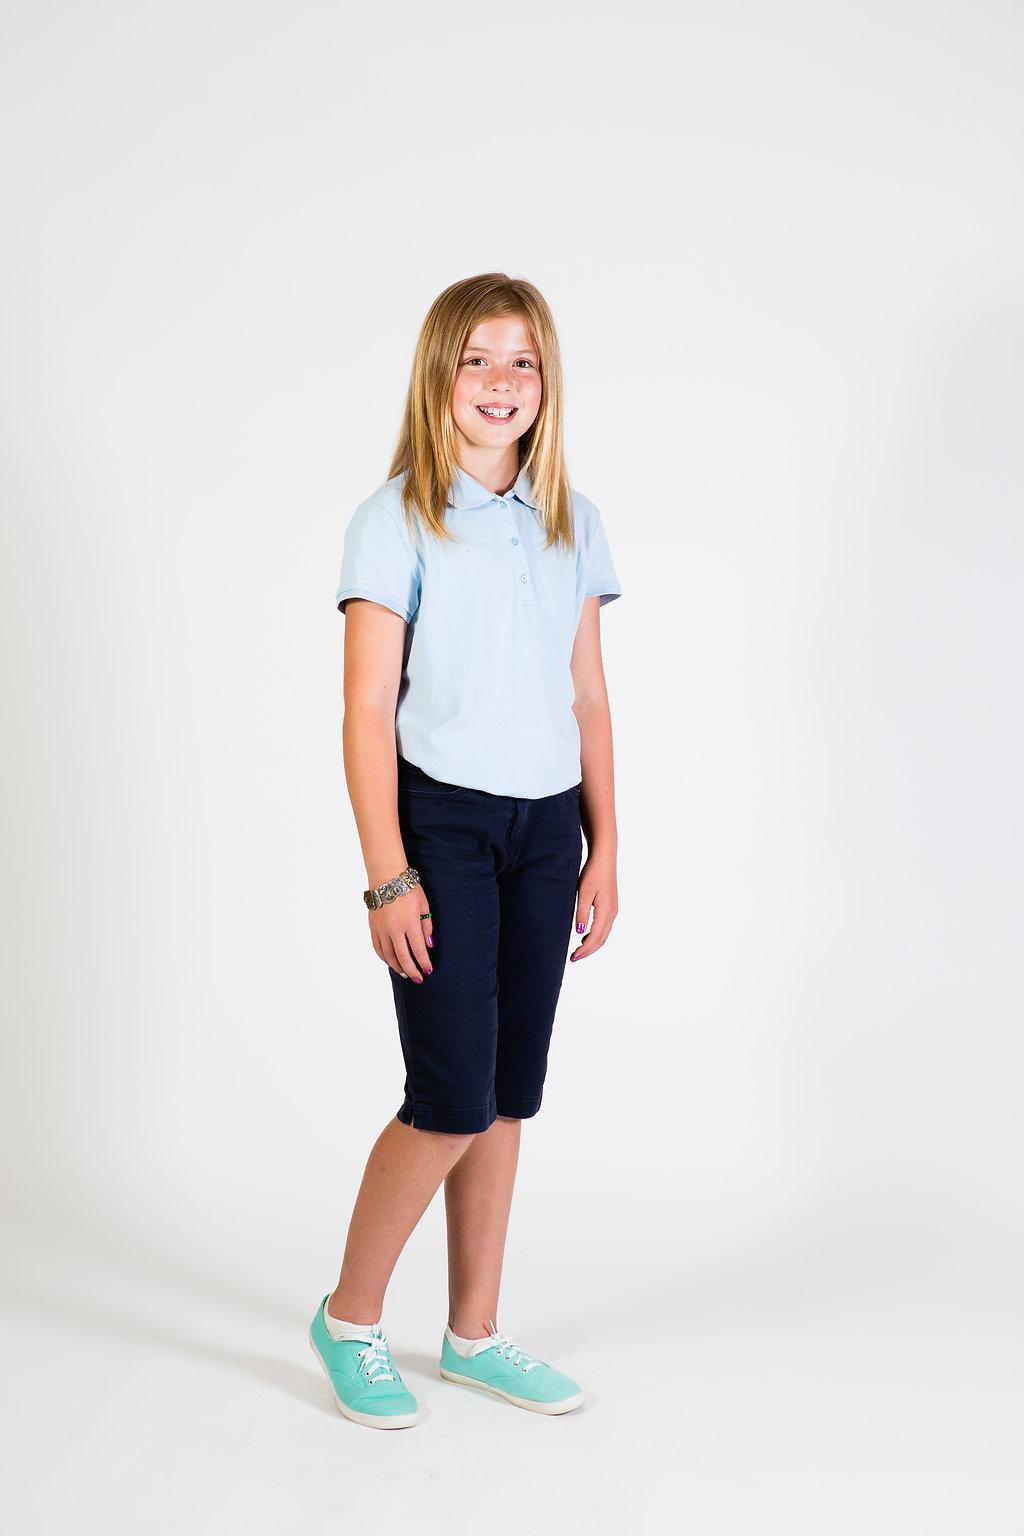 16JuneWCA_Uniforms073.jpg